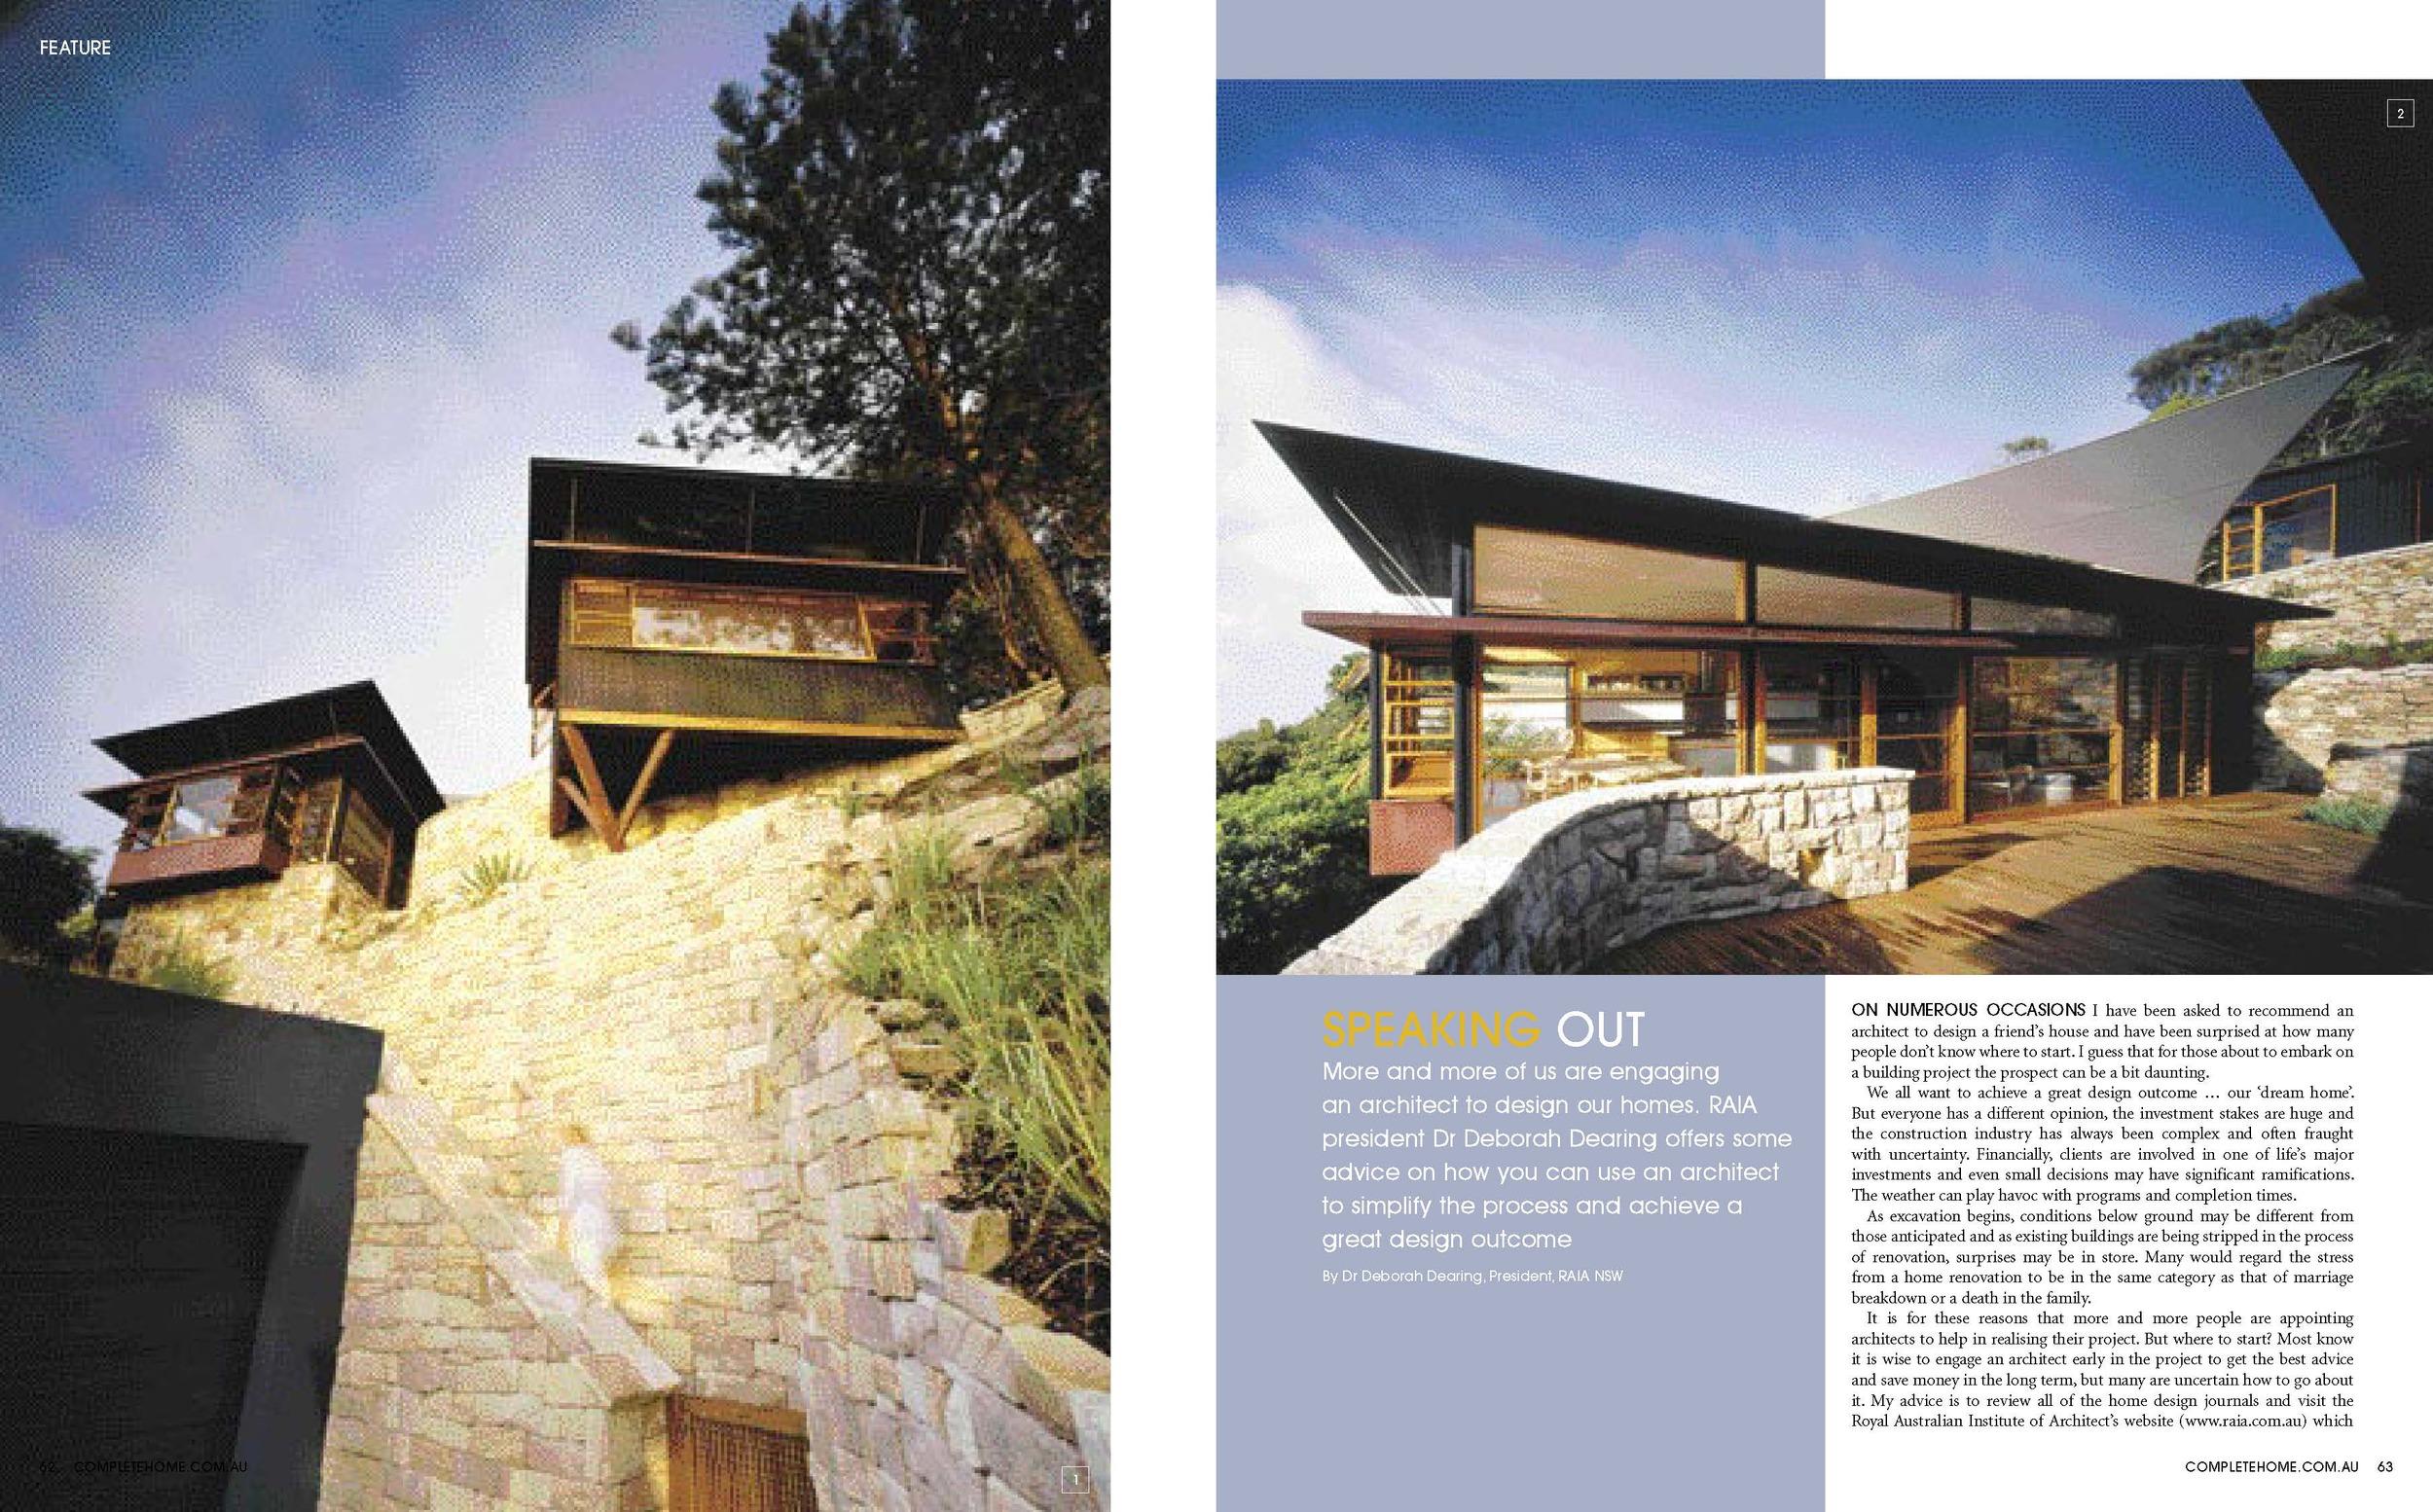 Contemporary Home design_RIAA_Page_1.jpg